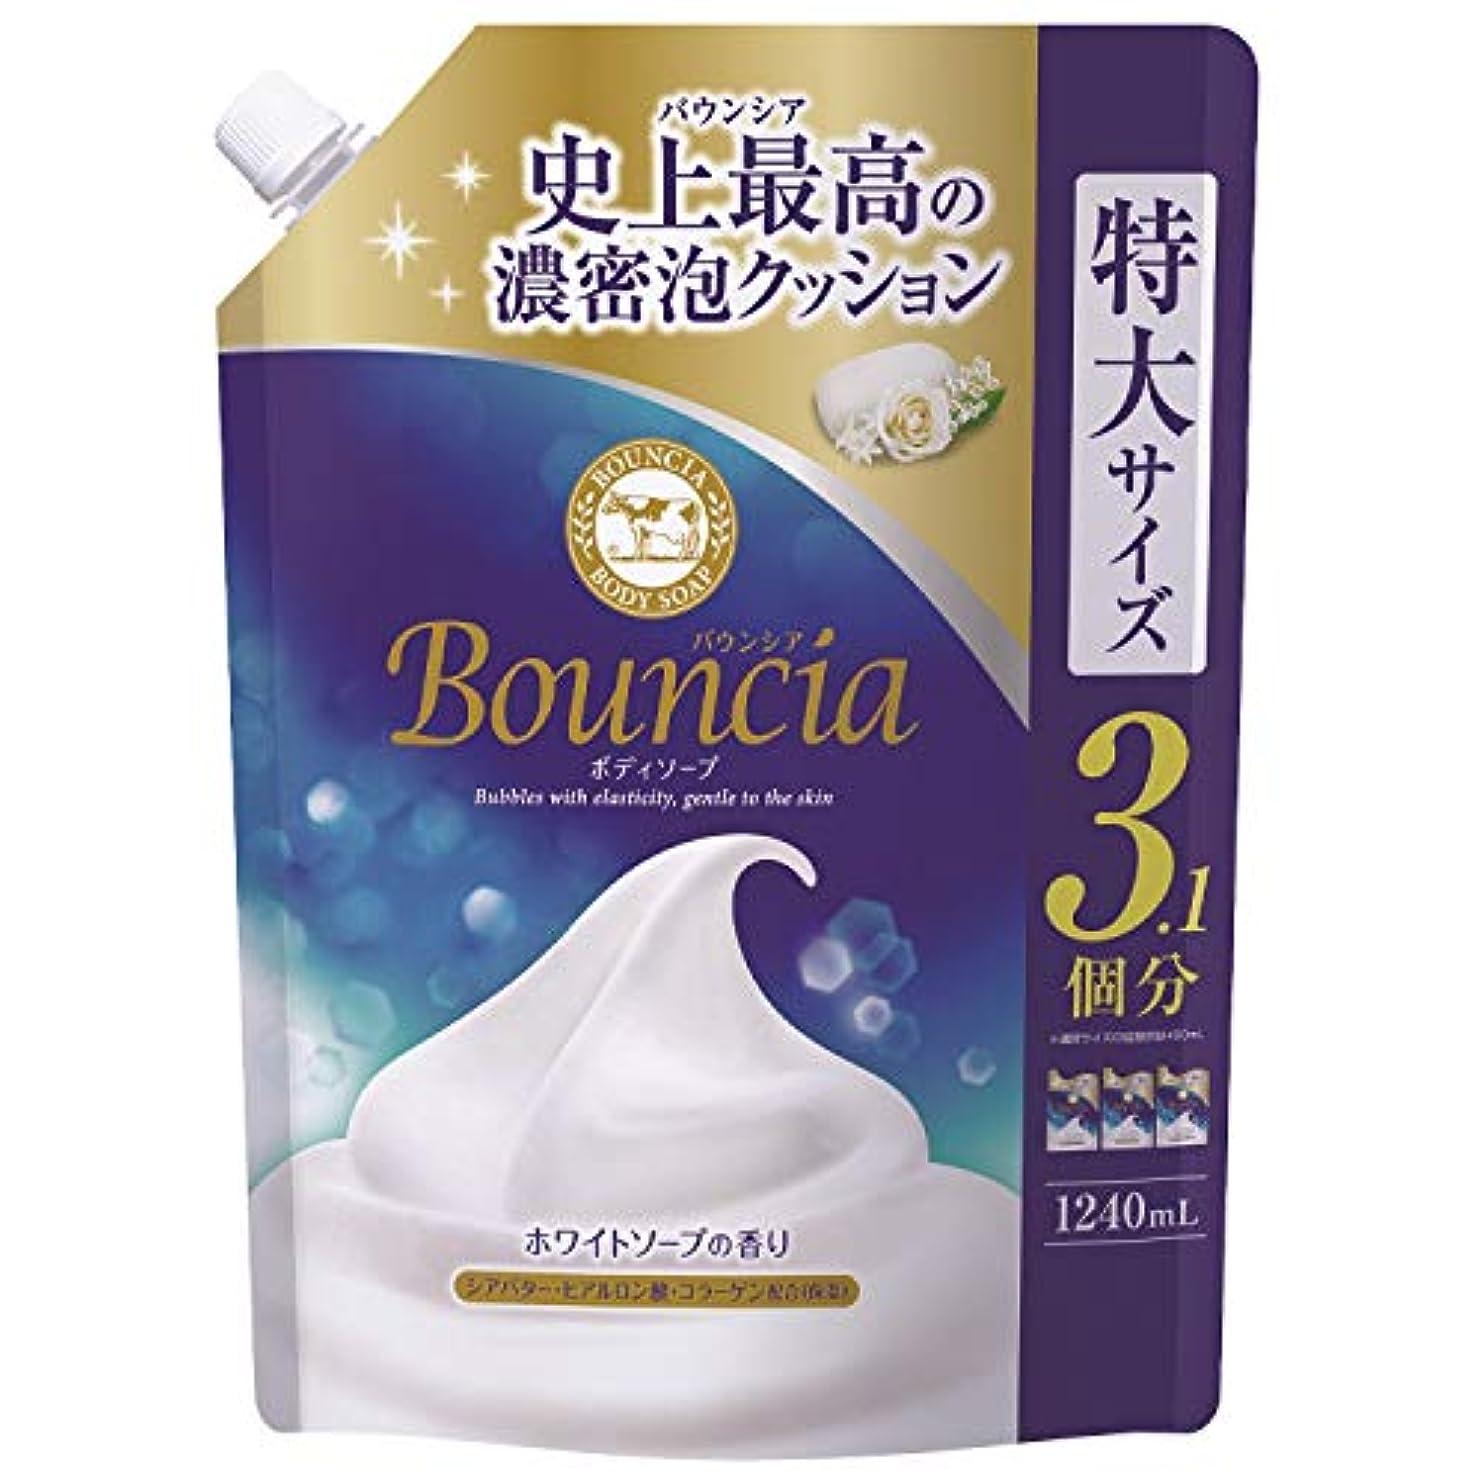 パトロール疫病ひらめき【大容量】バウンシアボディソープ 詰替用1240mL